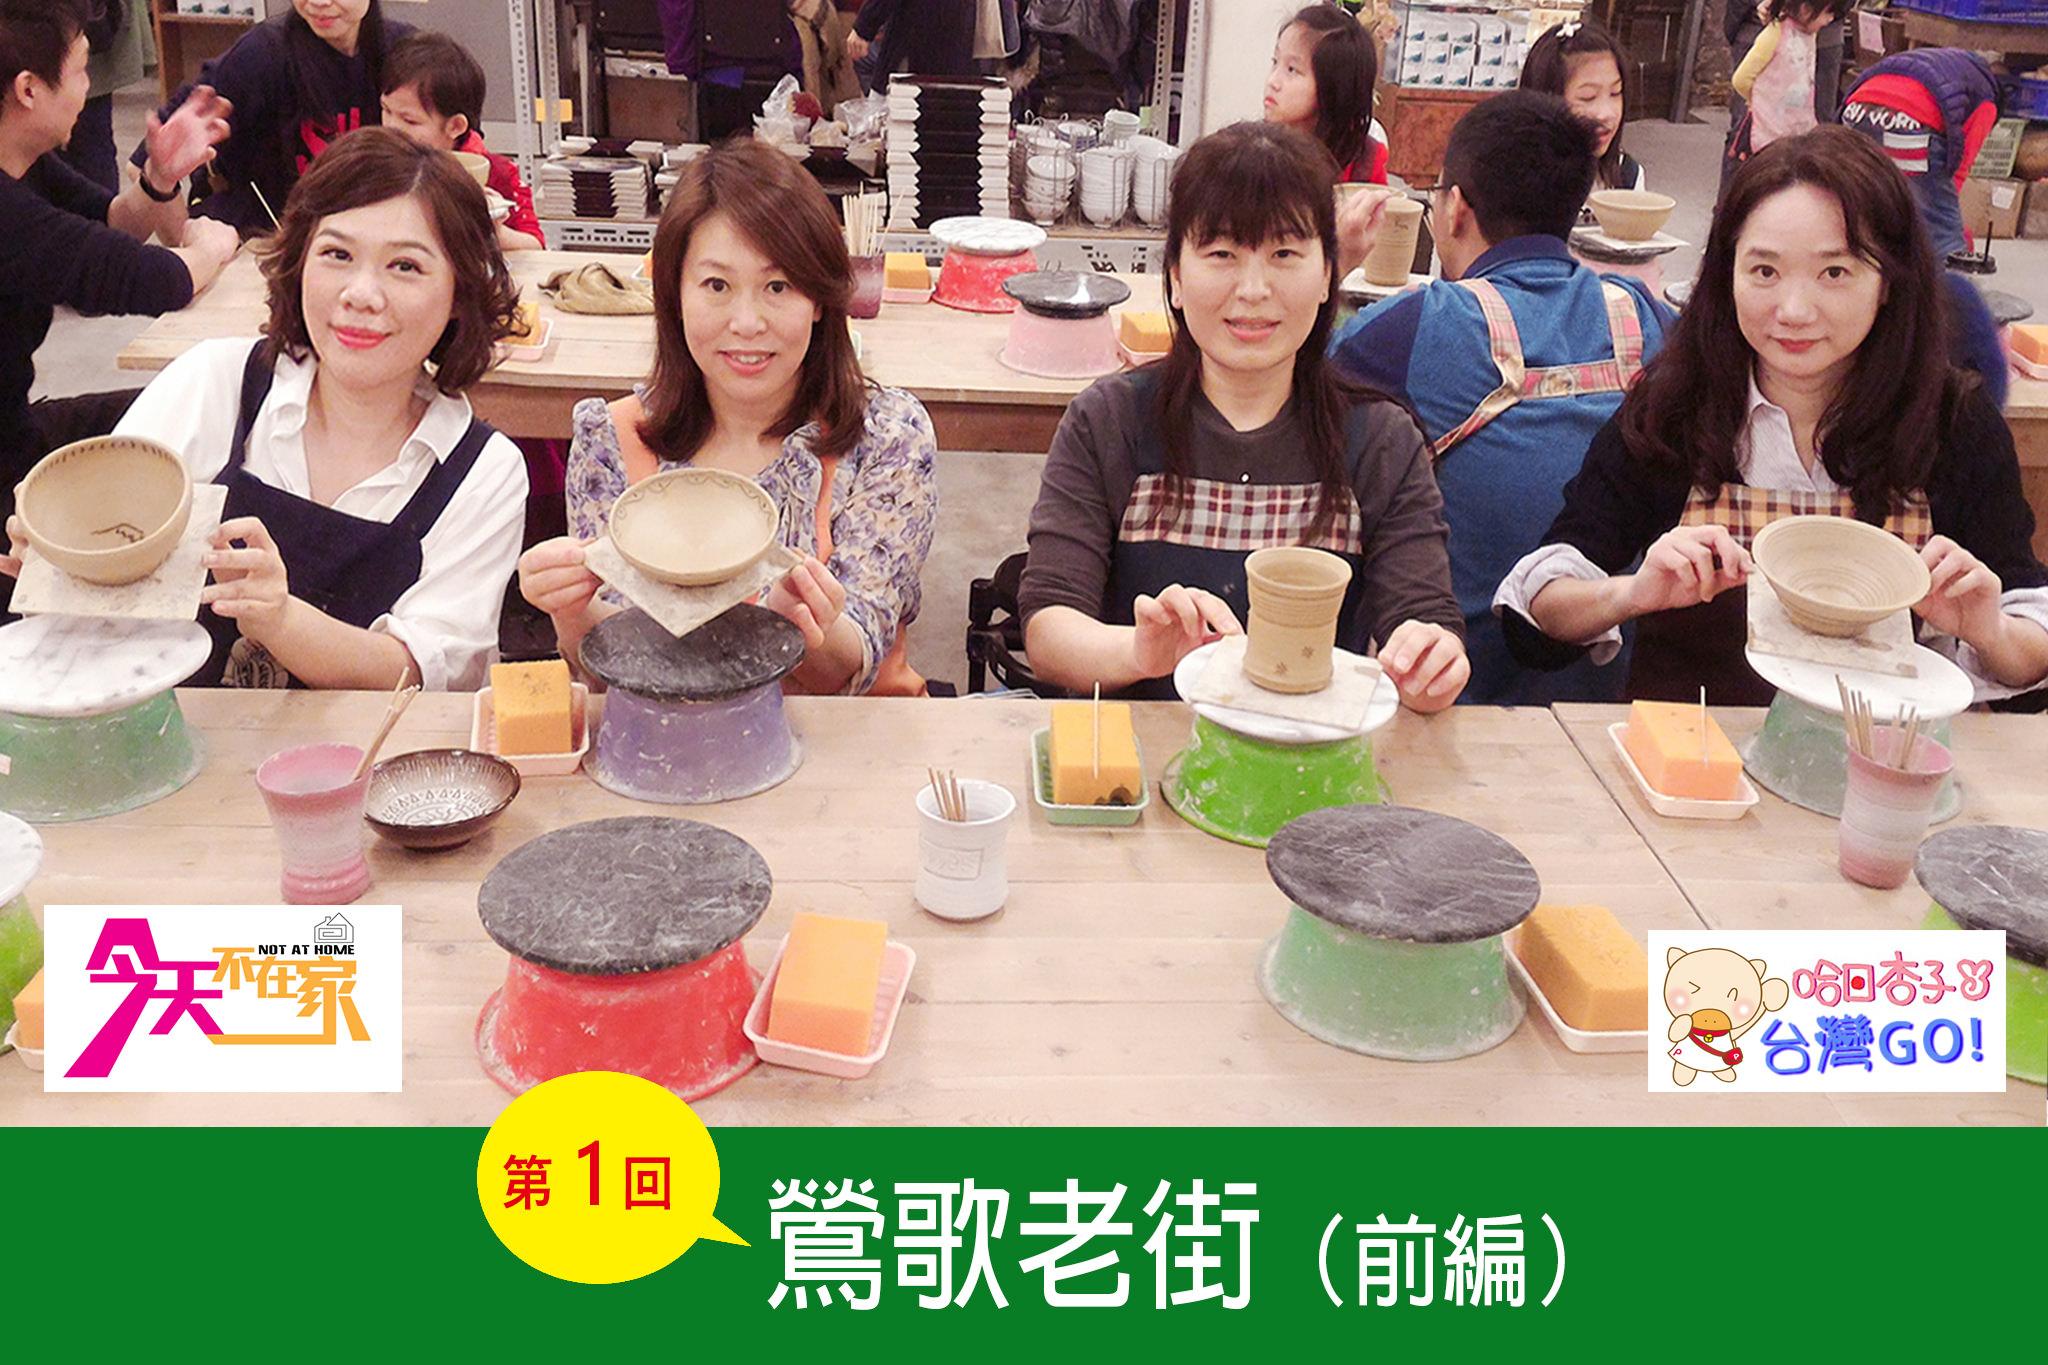 【哈日杏子*台灣GO】第1回・鶯歌老街 (前篇) | 陶芸体験にチャレンジ!